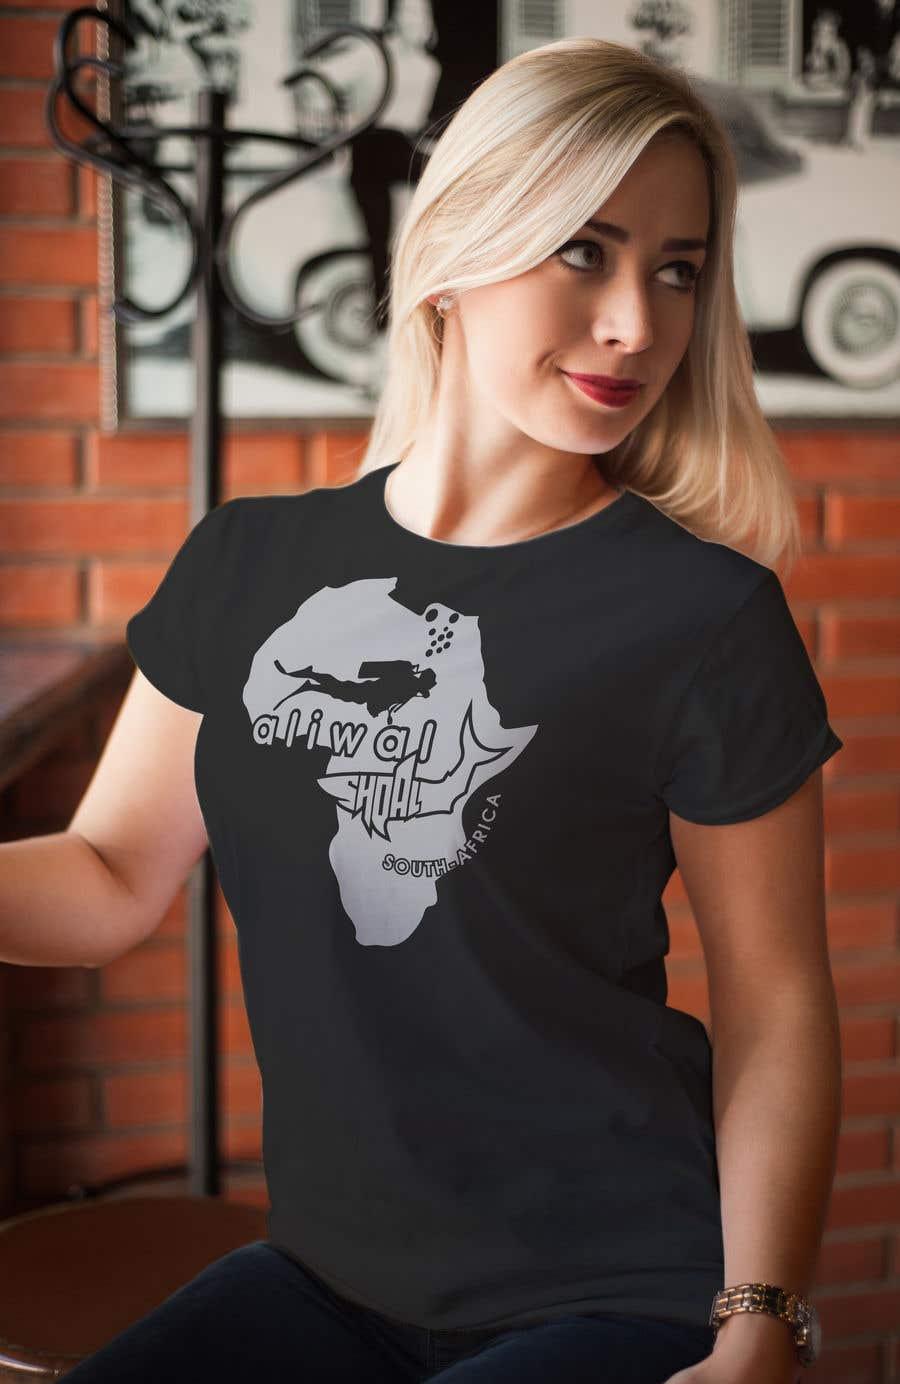 Konkurrenceindlæg #120 for tshirt desighn